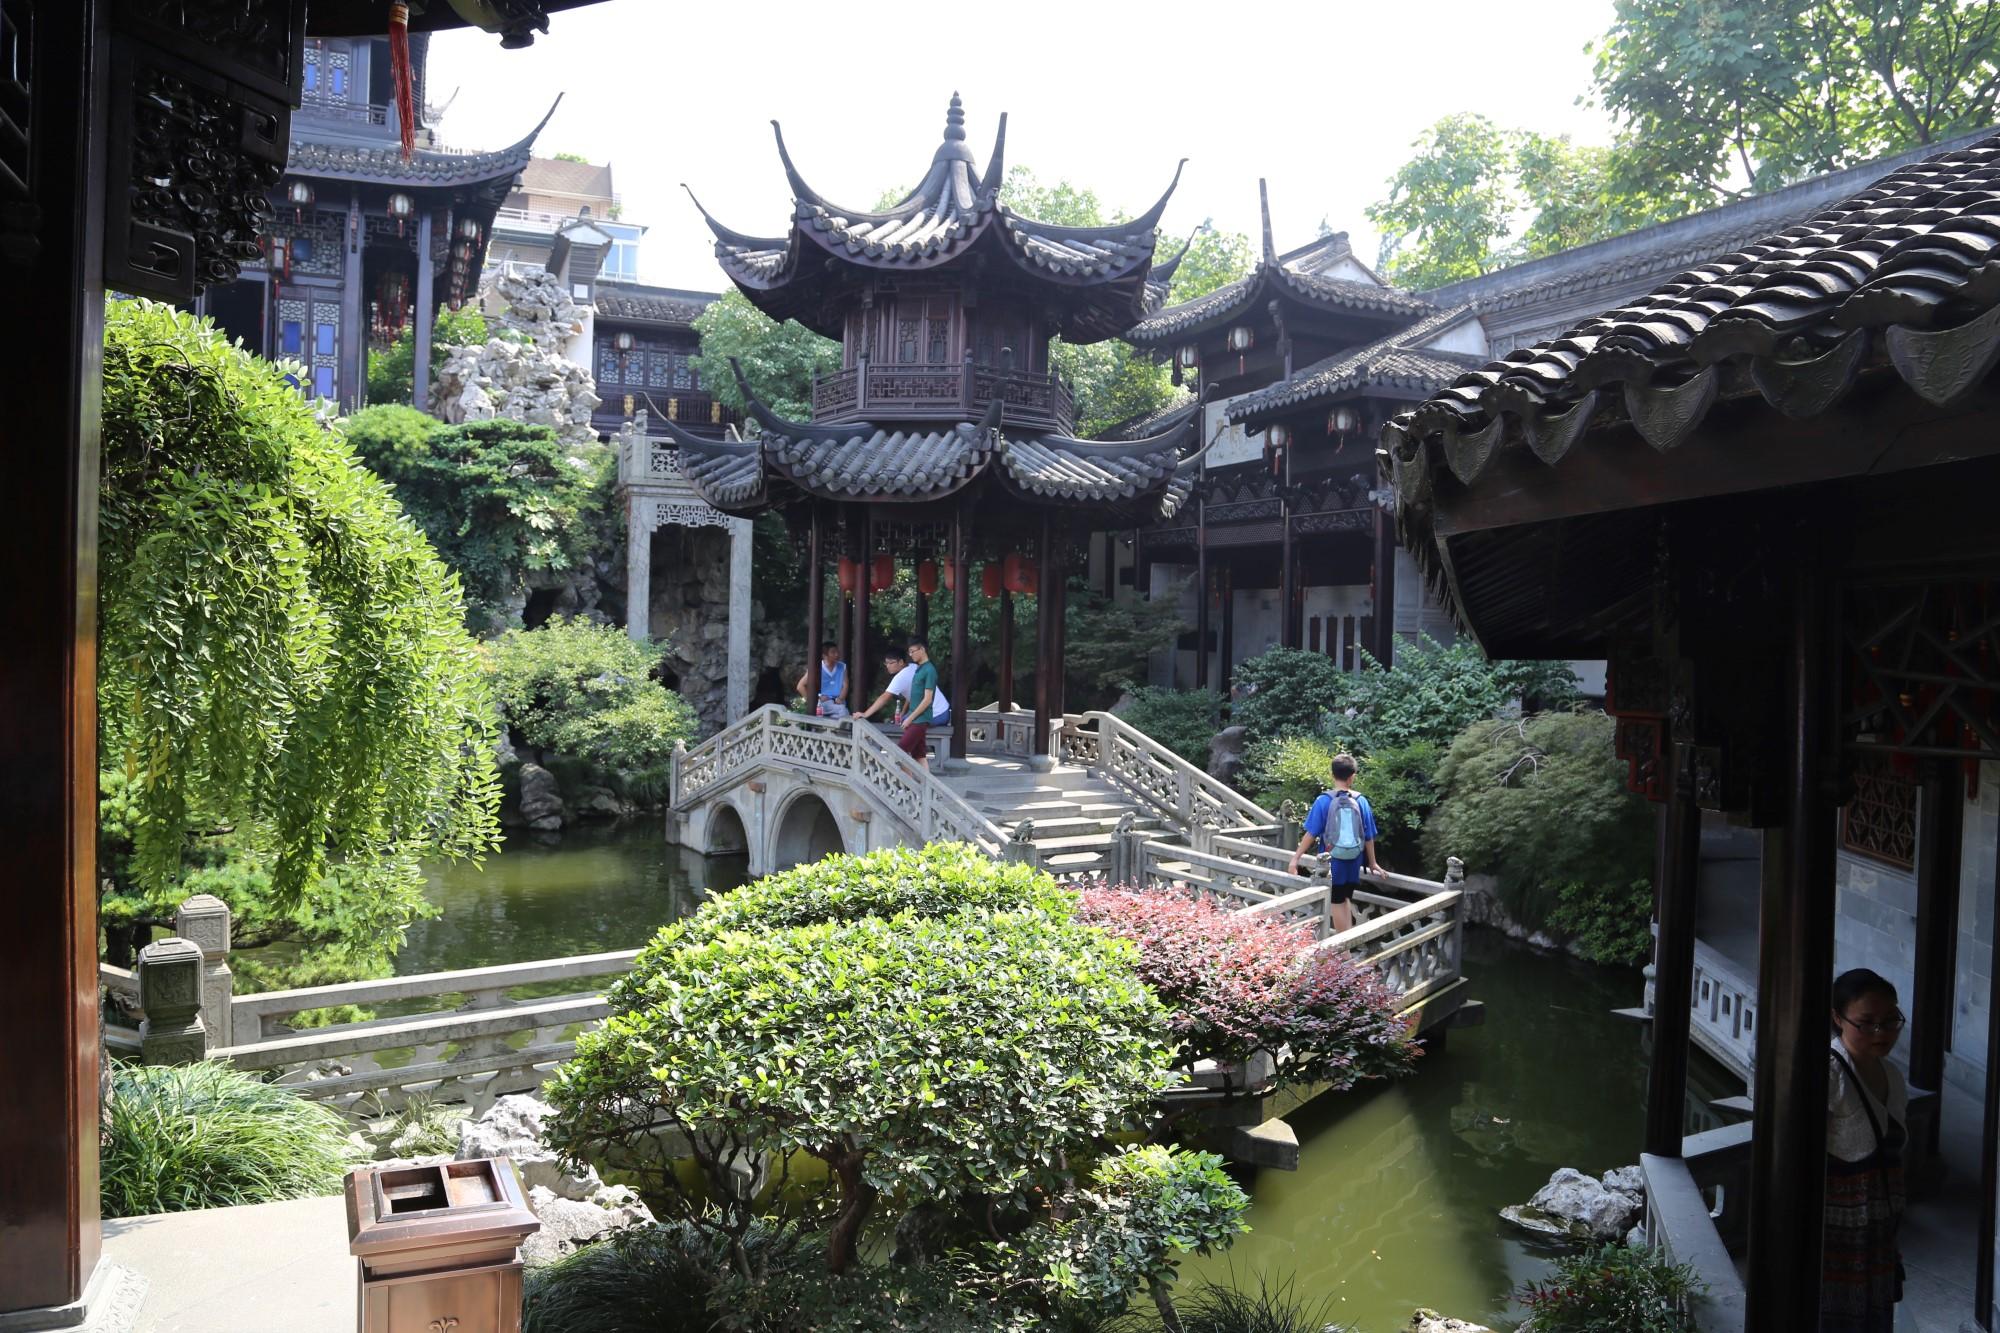 صور المعالم السياحية في هانغتشو بالصين